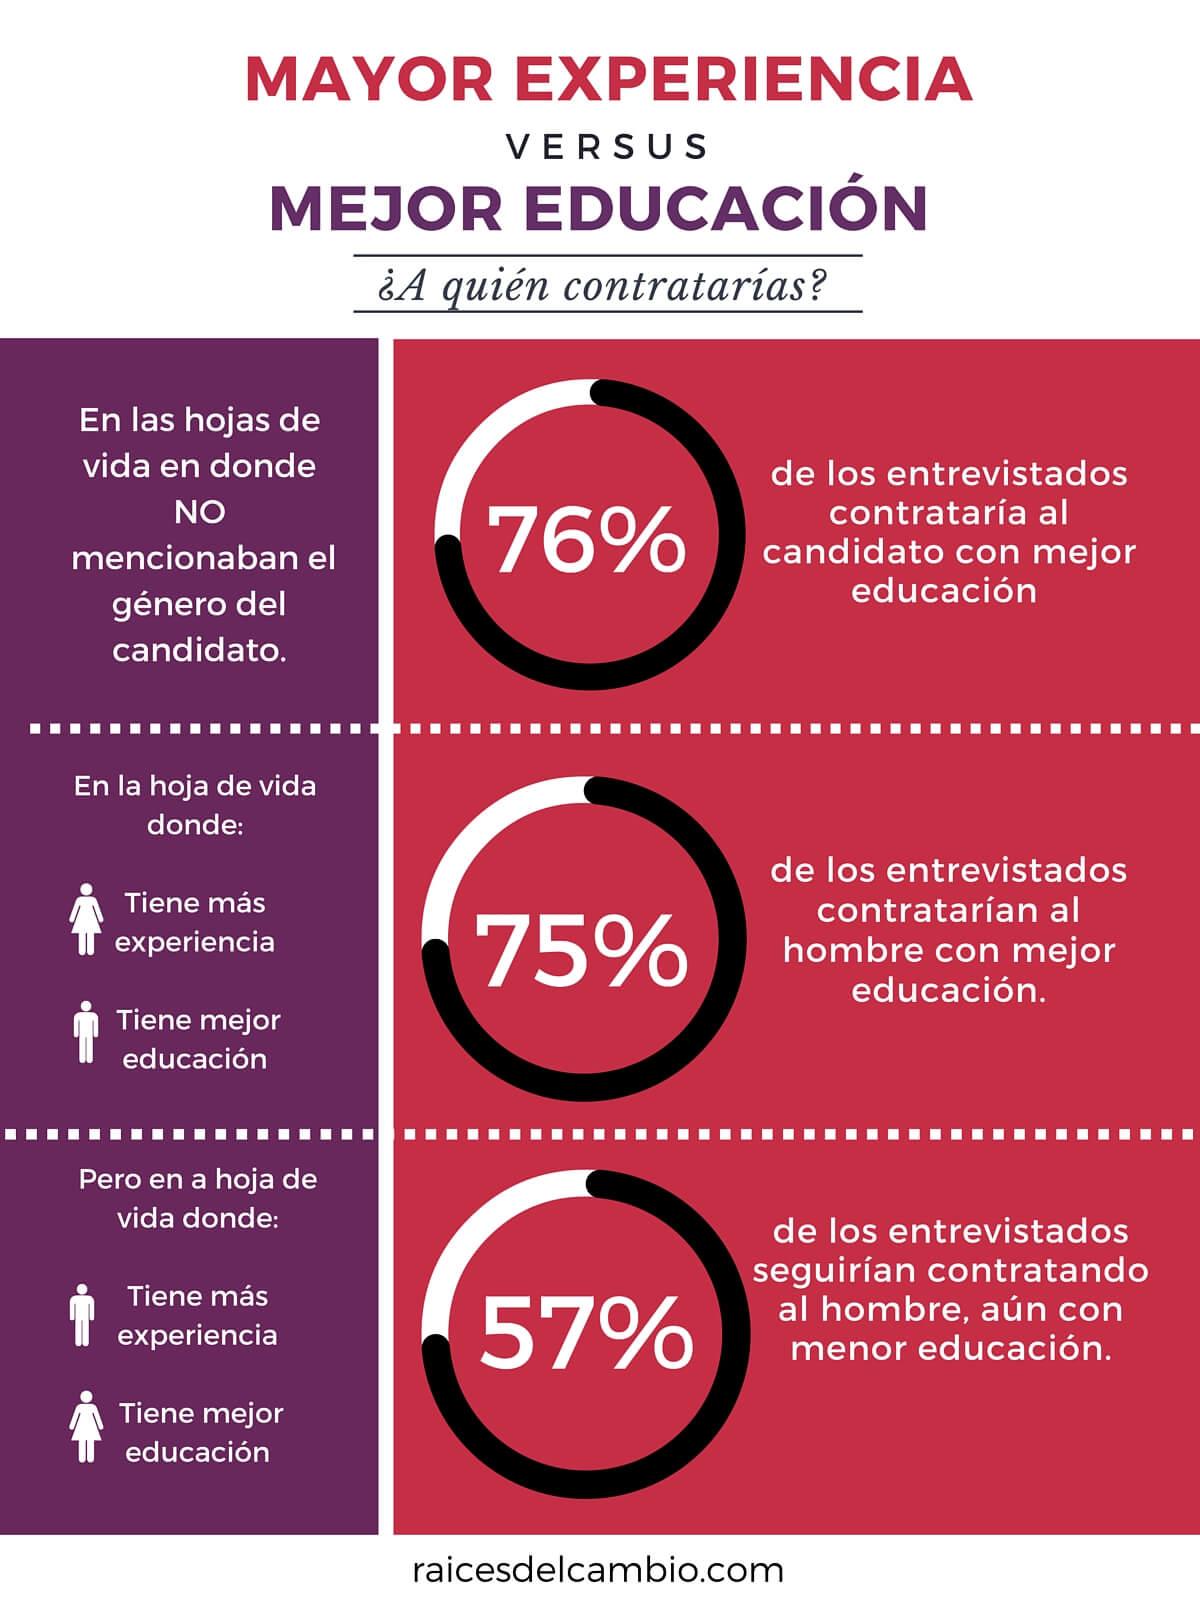 raicesdelcambio.com_mayor-experiencia-versus-mejor-educación